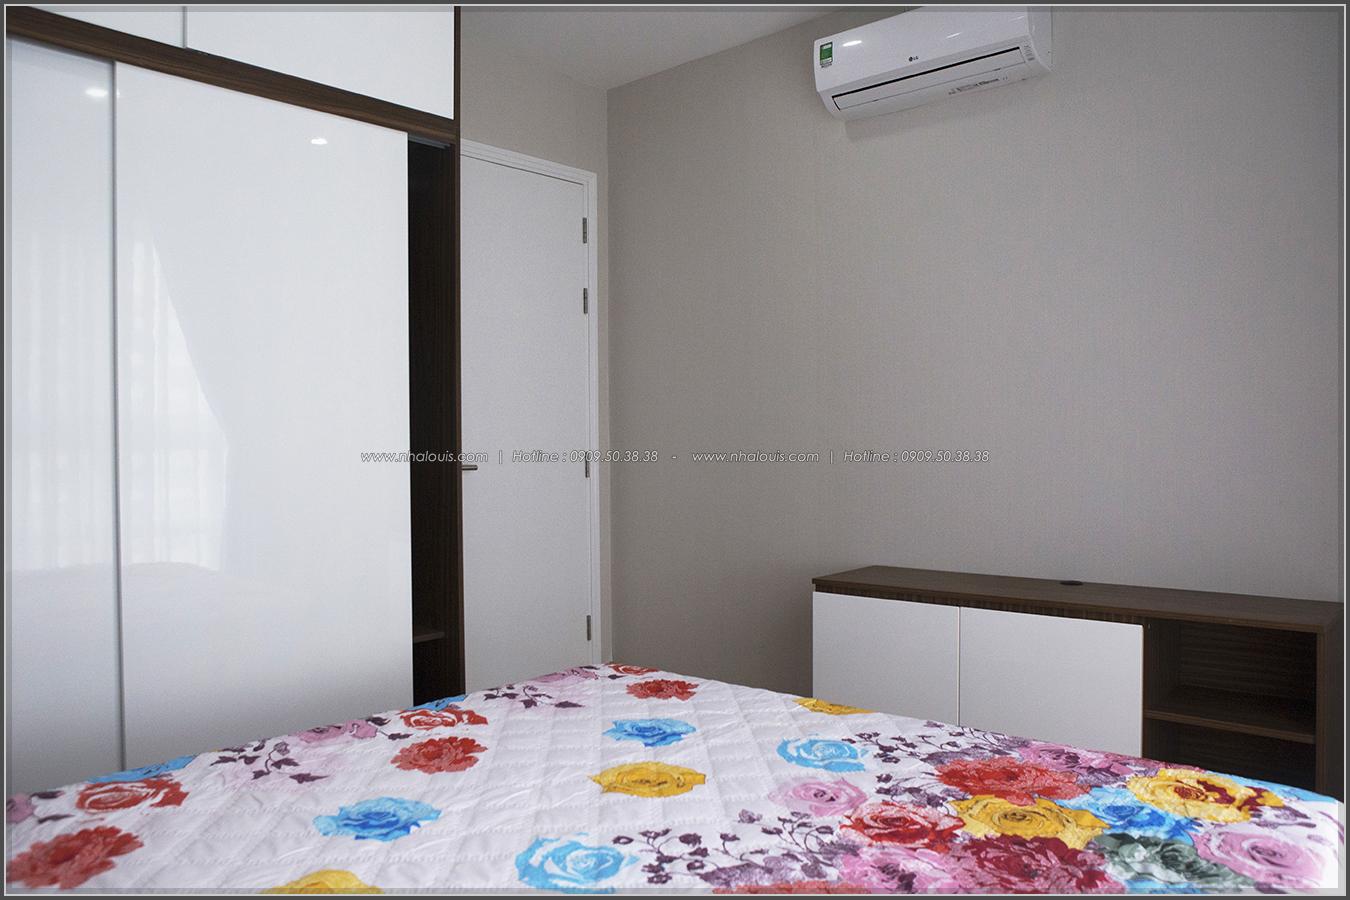 Thiết kế thi công nội thất căn hộ cao cấp Happy Valley quận 7 - 26